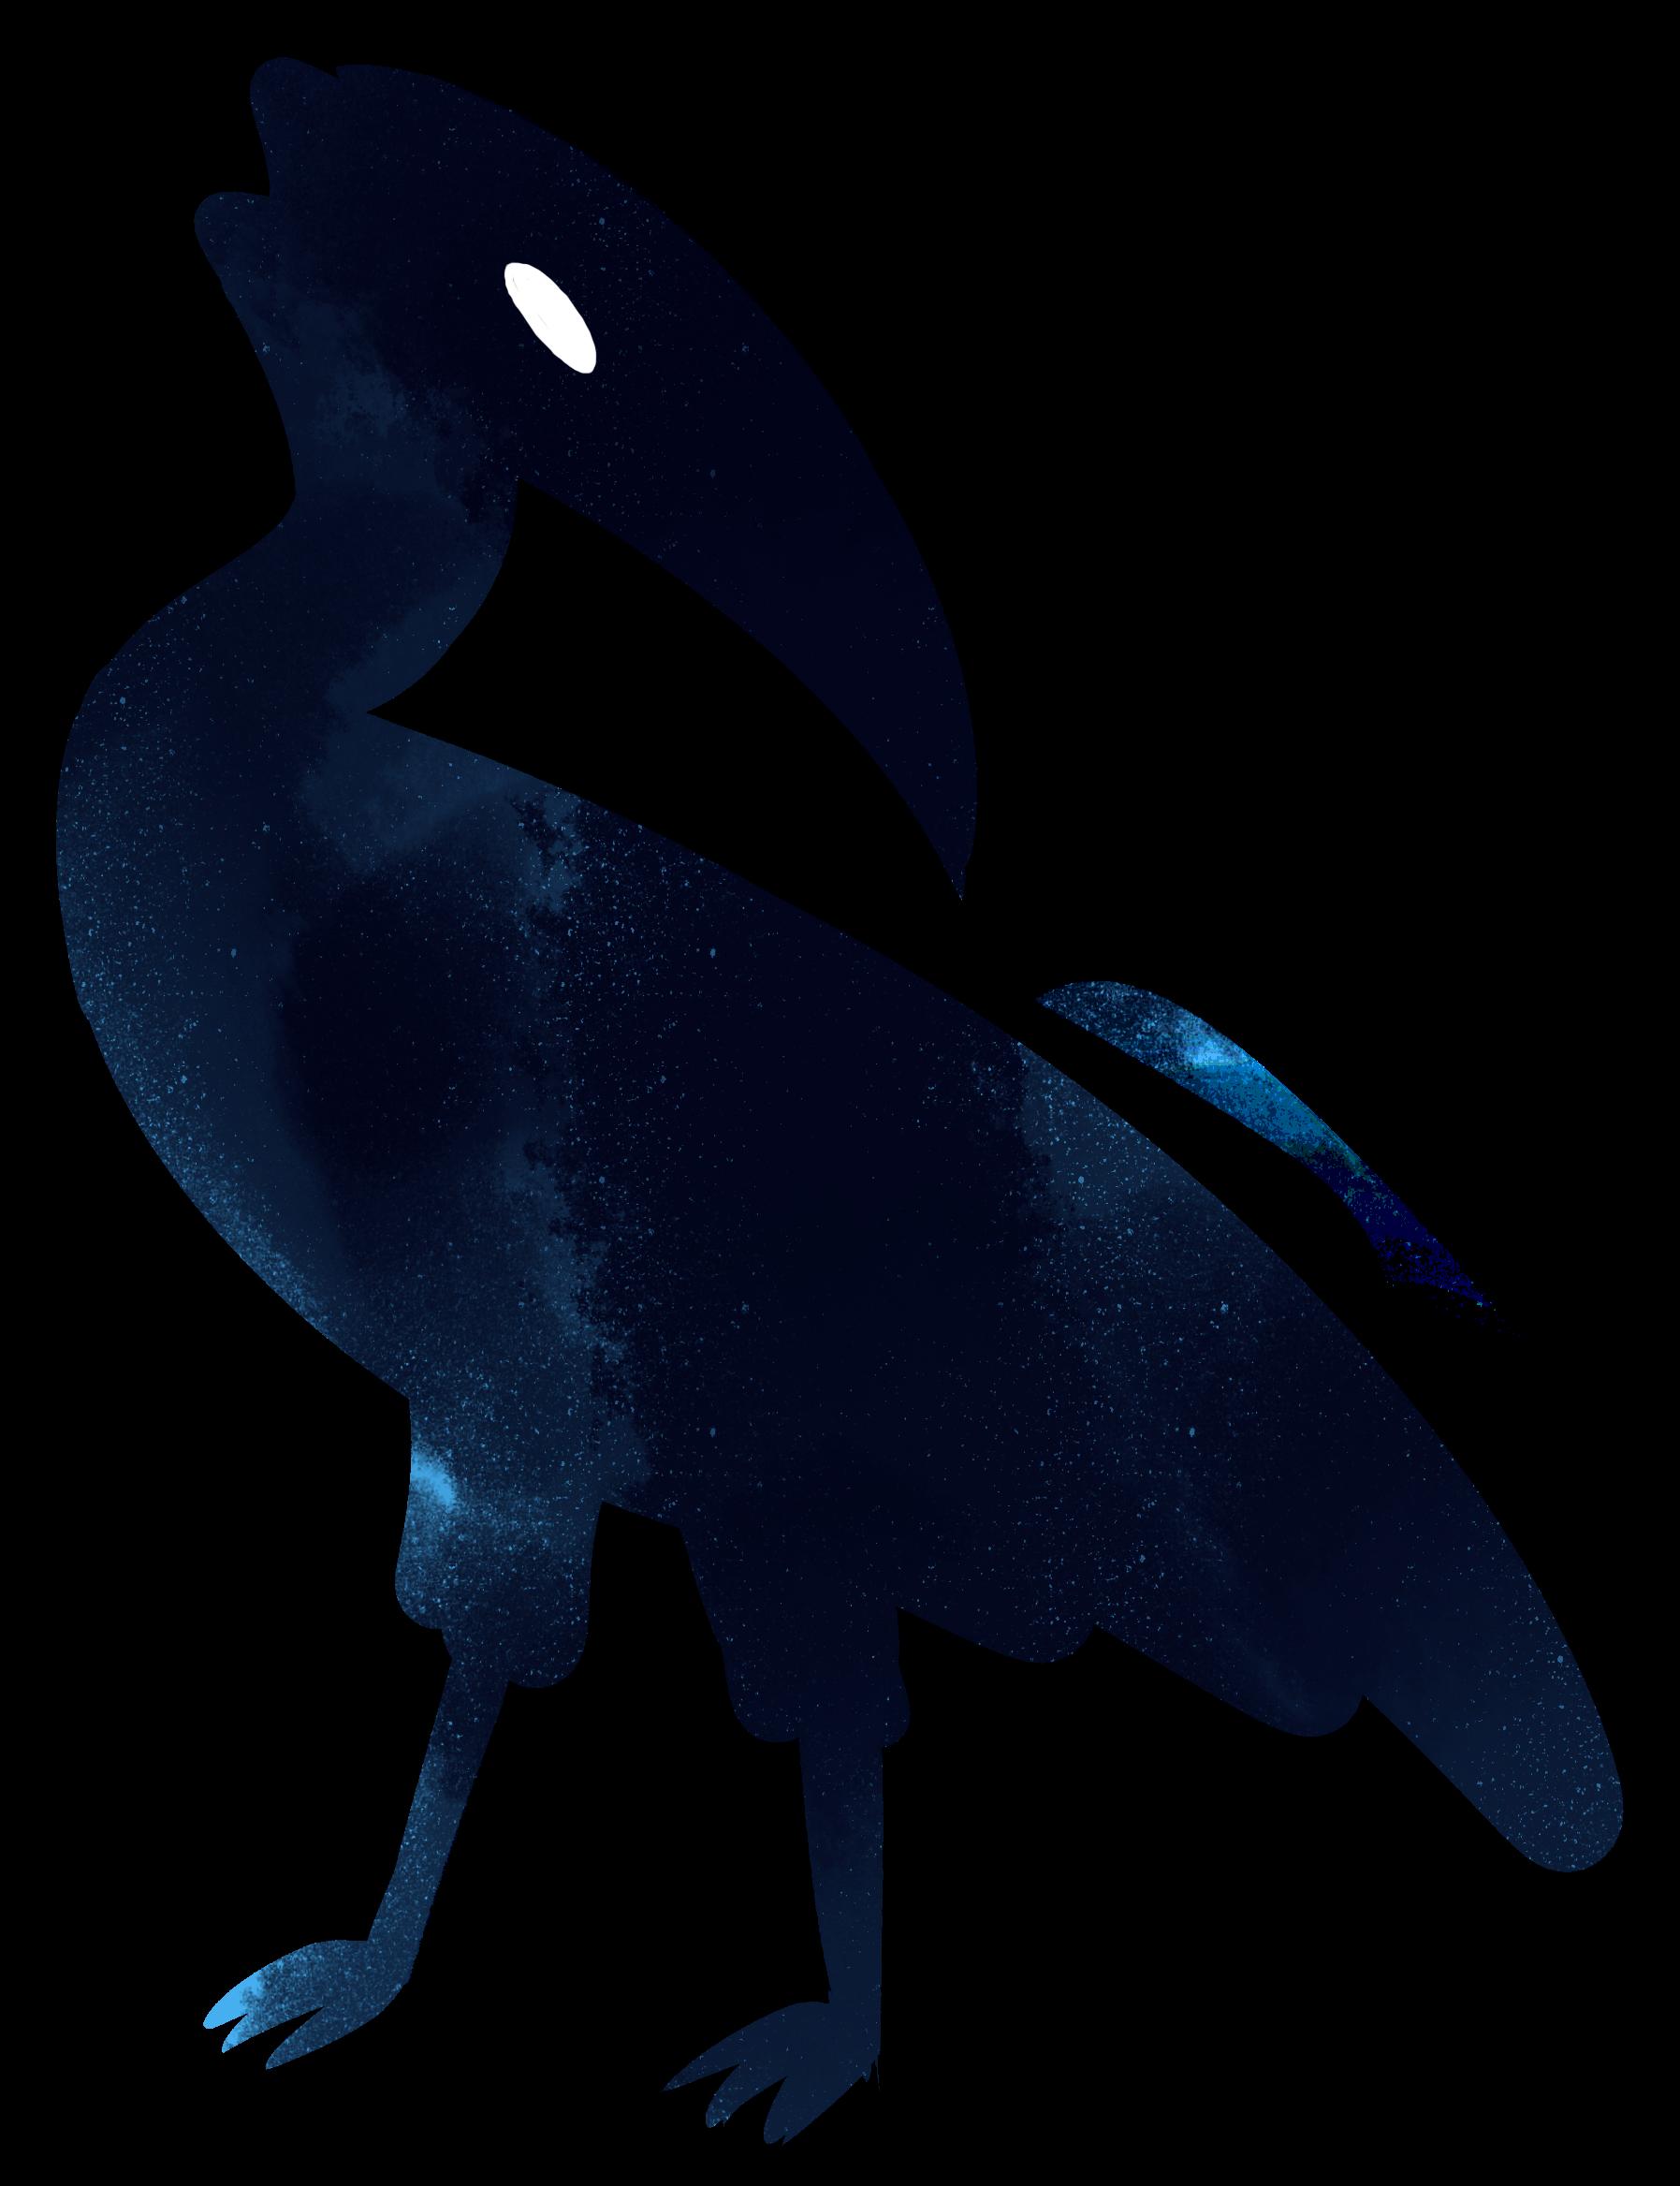 [Image: bird.png]